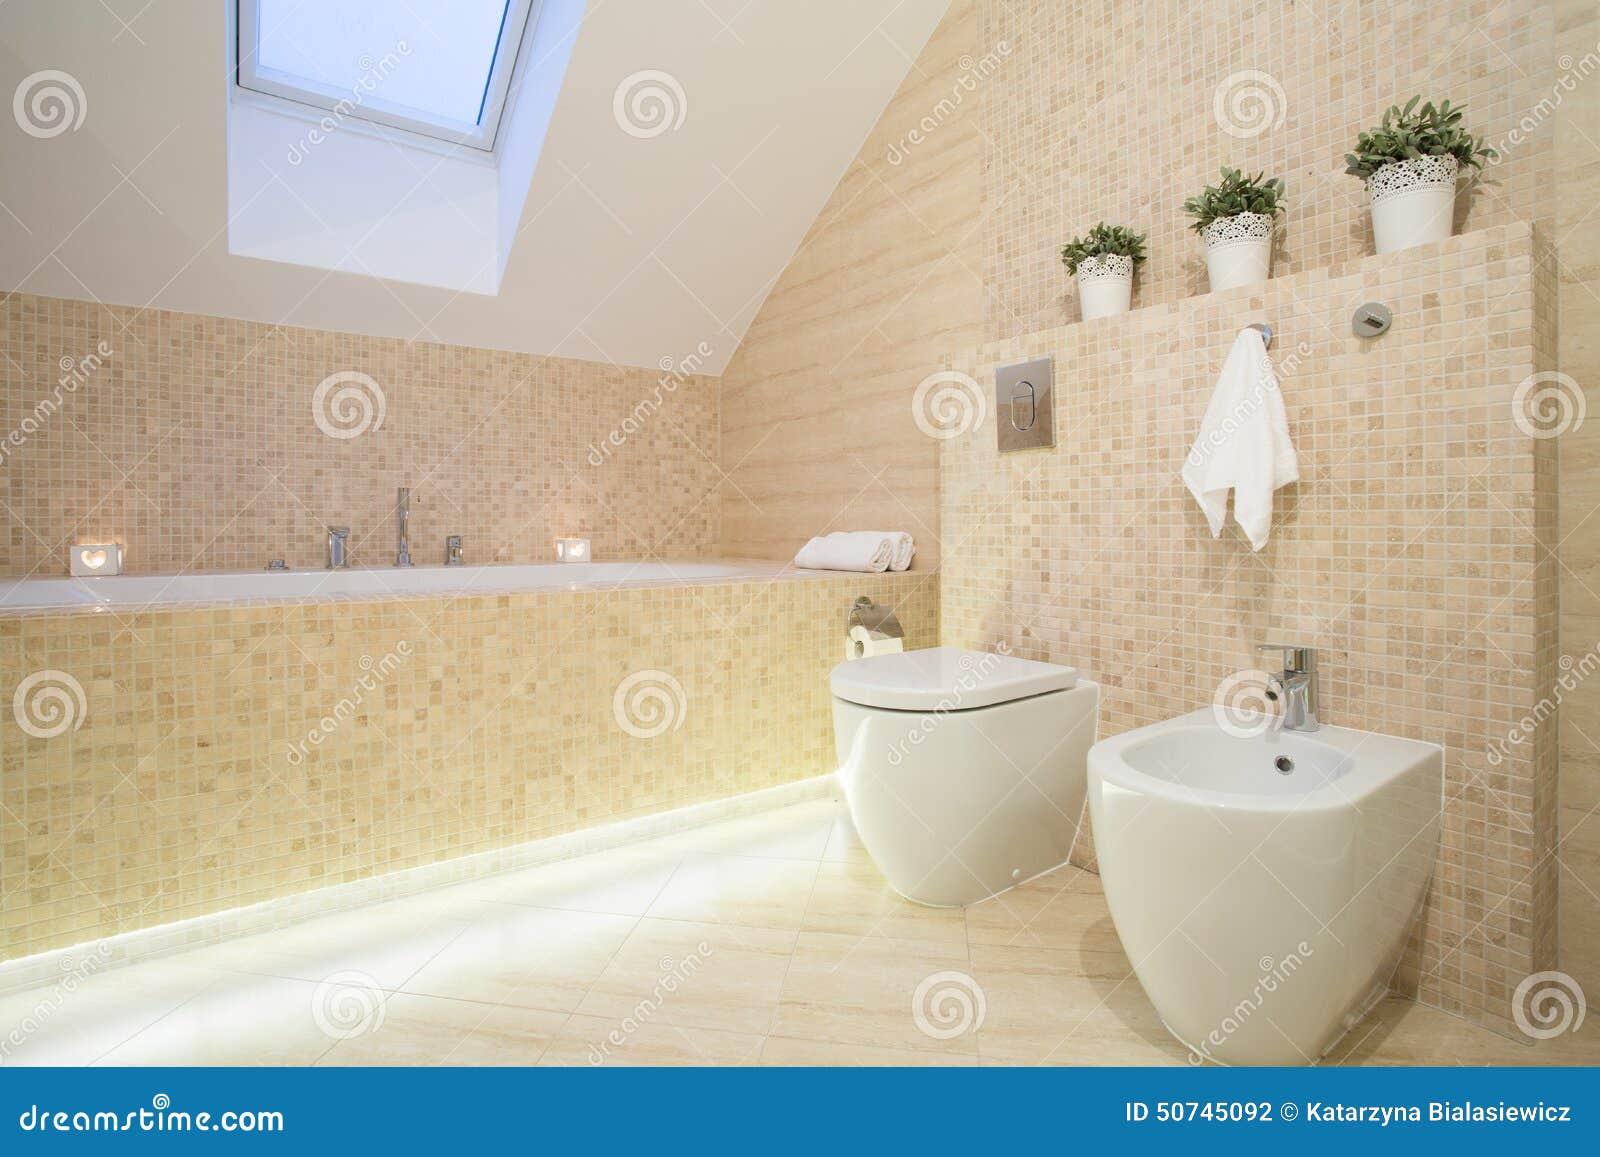 Schönes Badezimmer In Der Beige Farbe Stockfoto - Bild: 50745092 Schönes Badezimmer